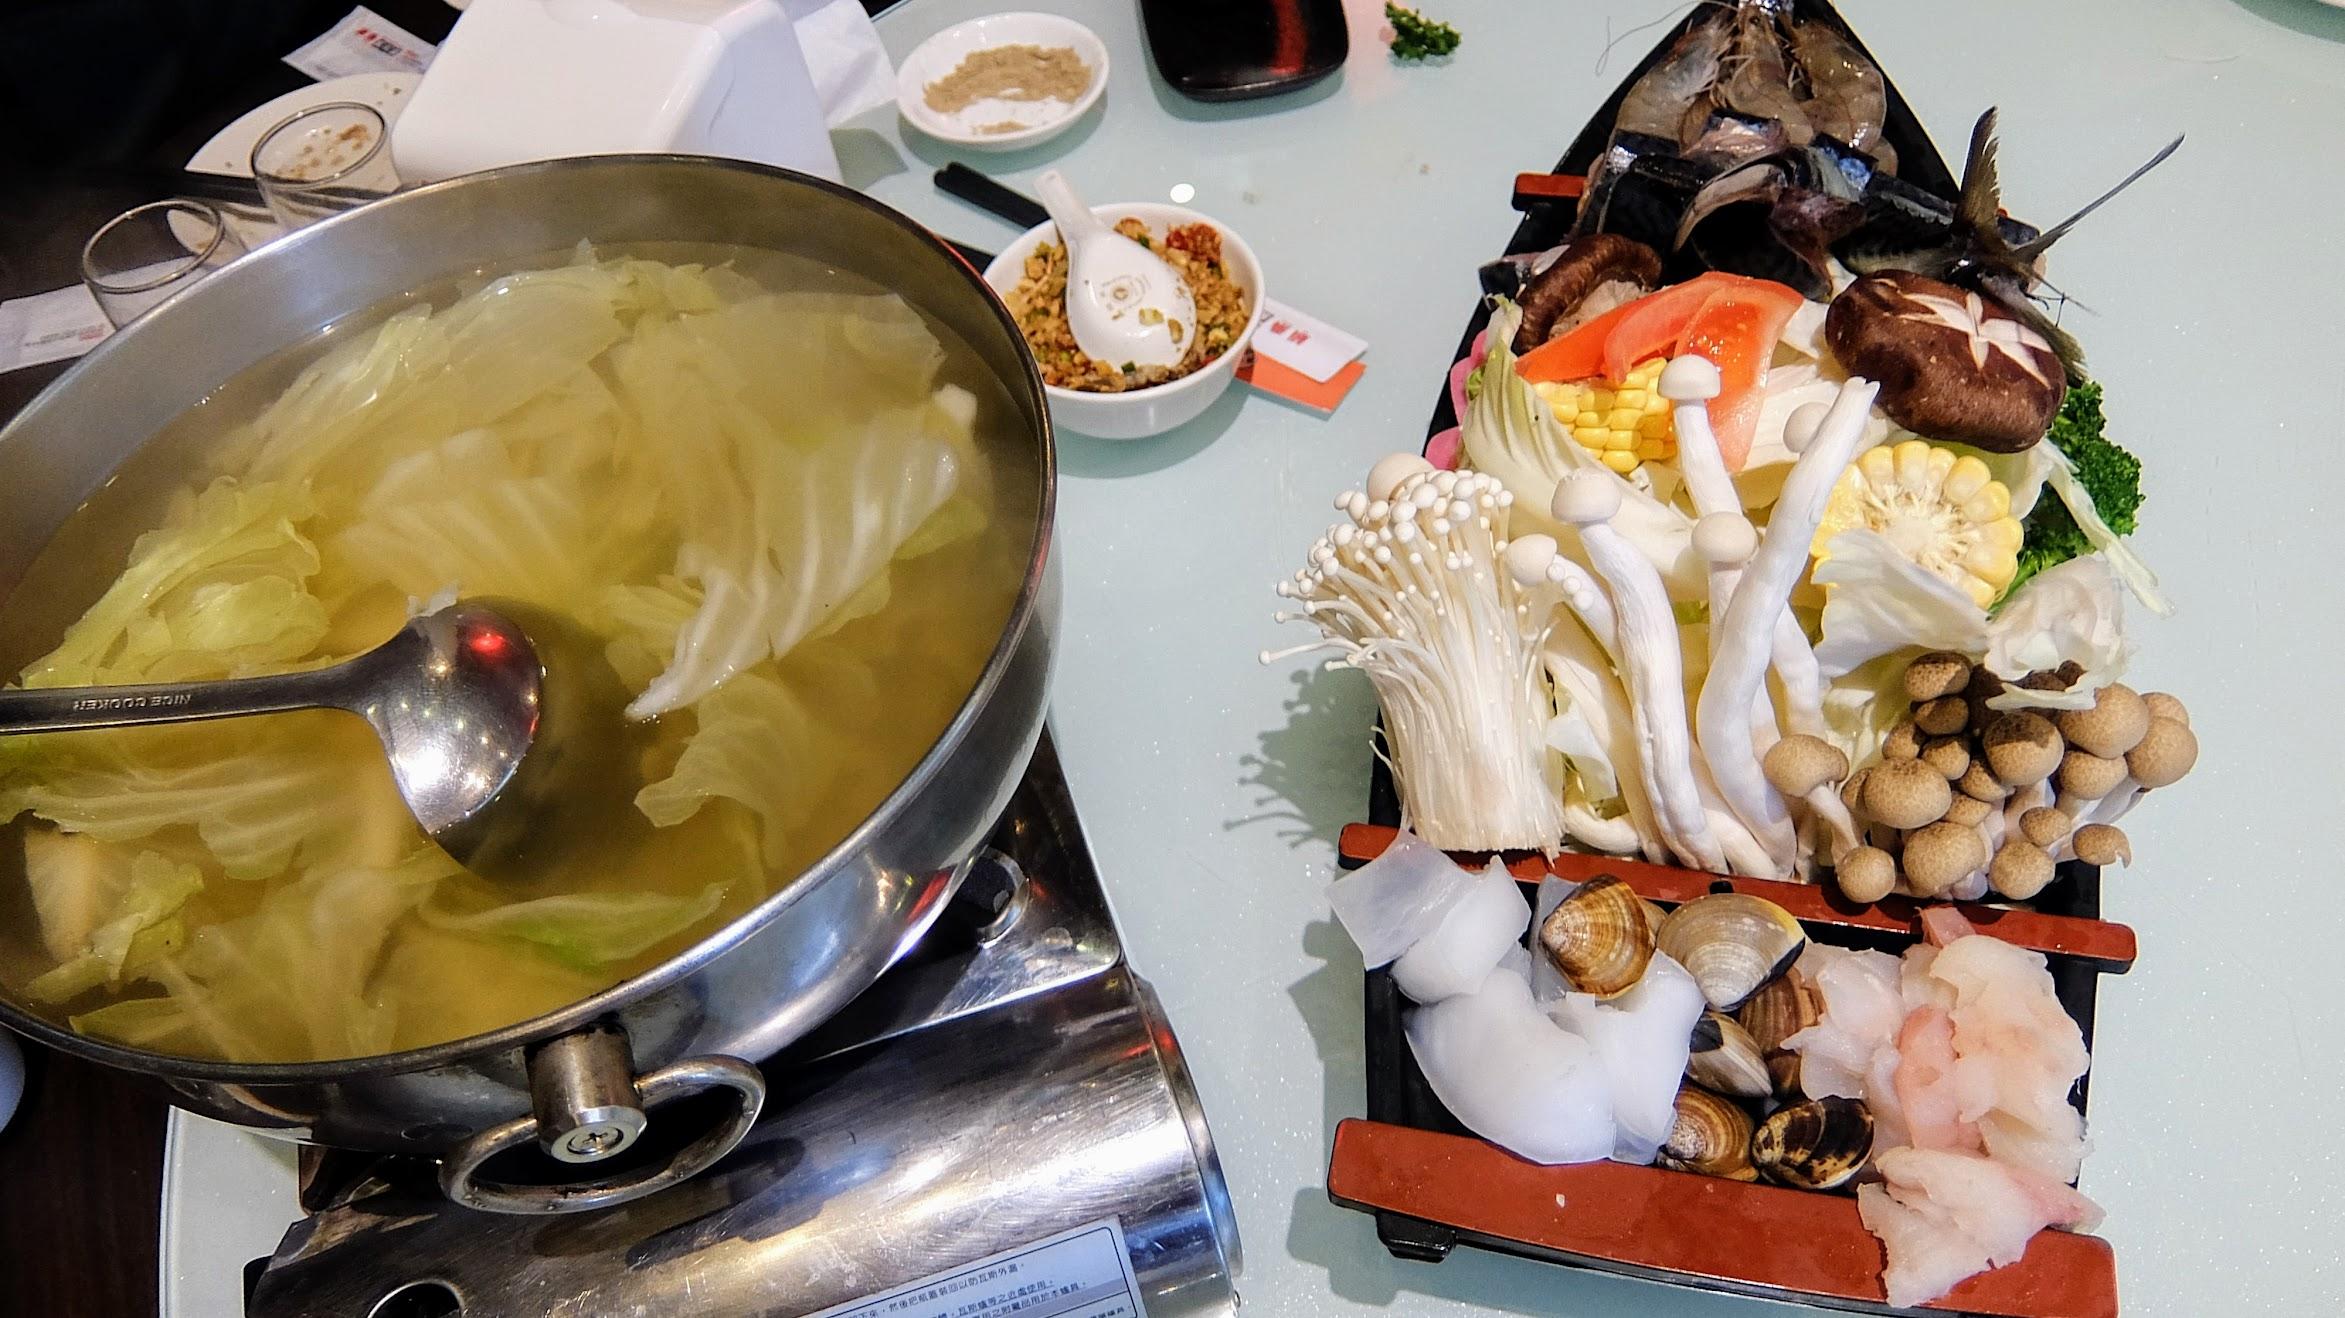 龍船海鮮鍋,看起來很澎湃啊